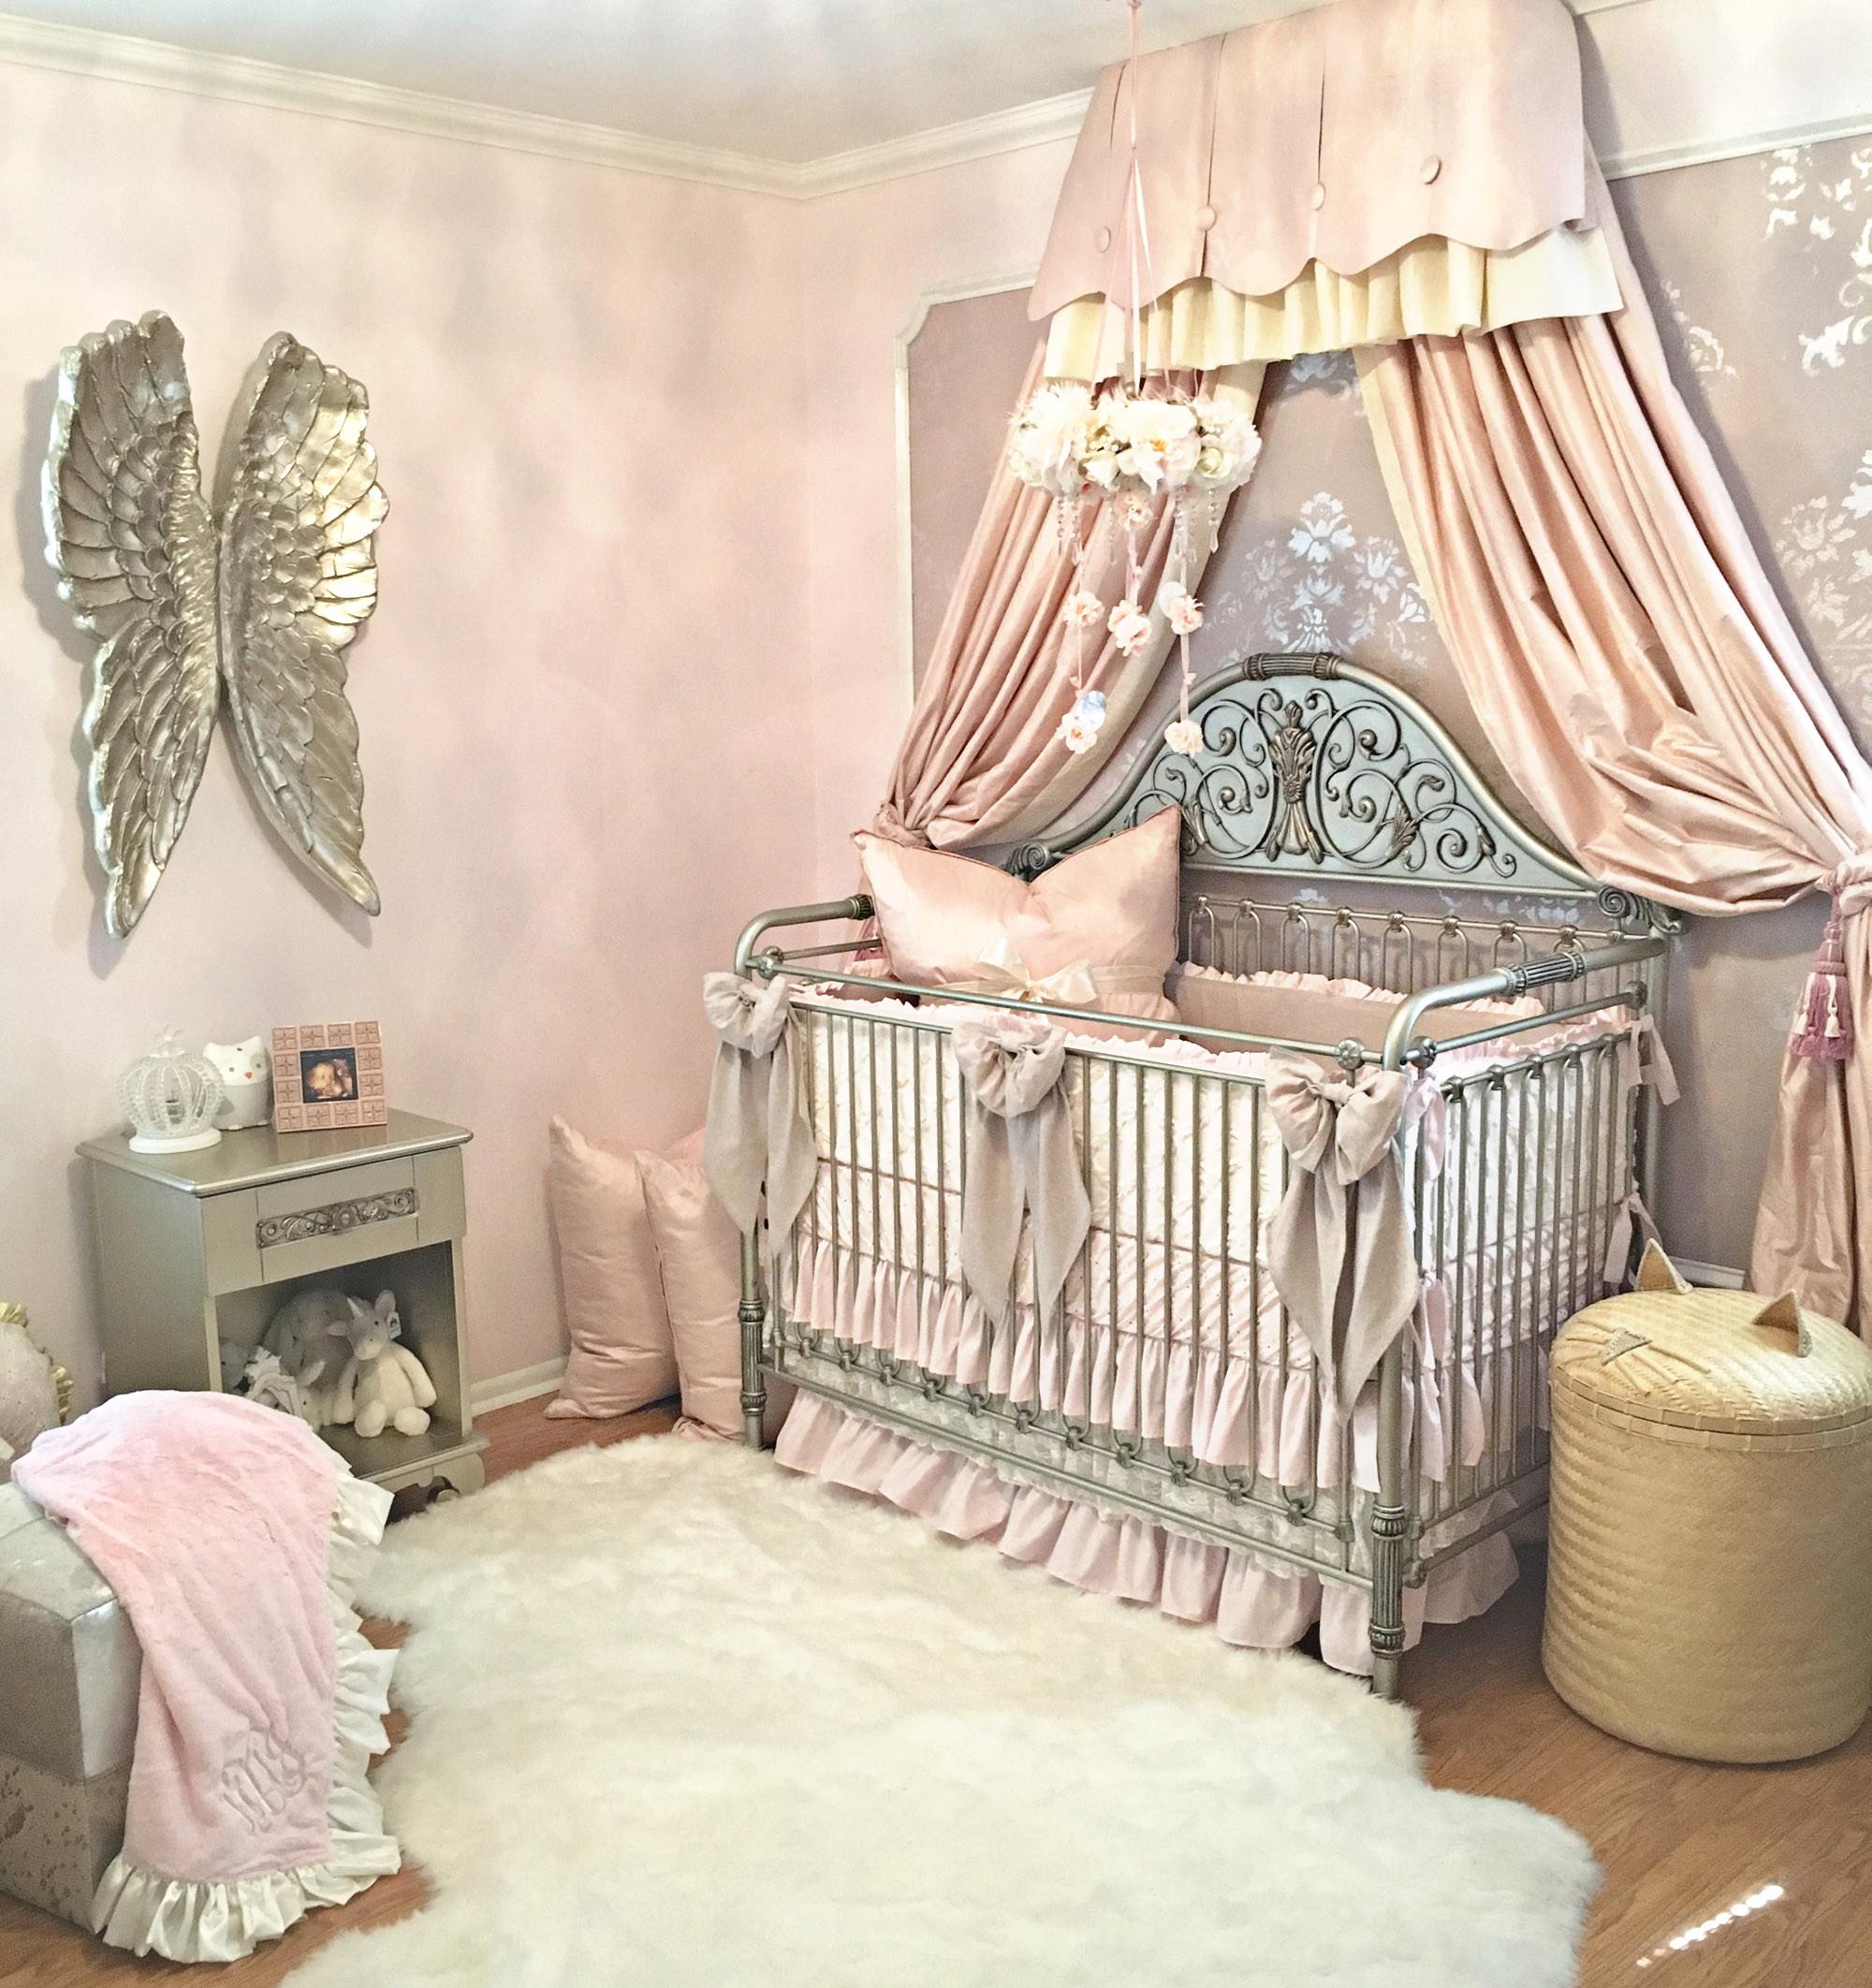 Vintage Baby Nursery Decor  Harlow s Vintage Glam Blush Nursery Project Nursery